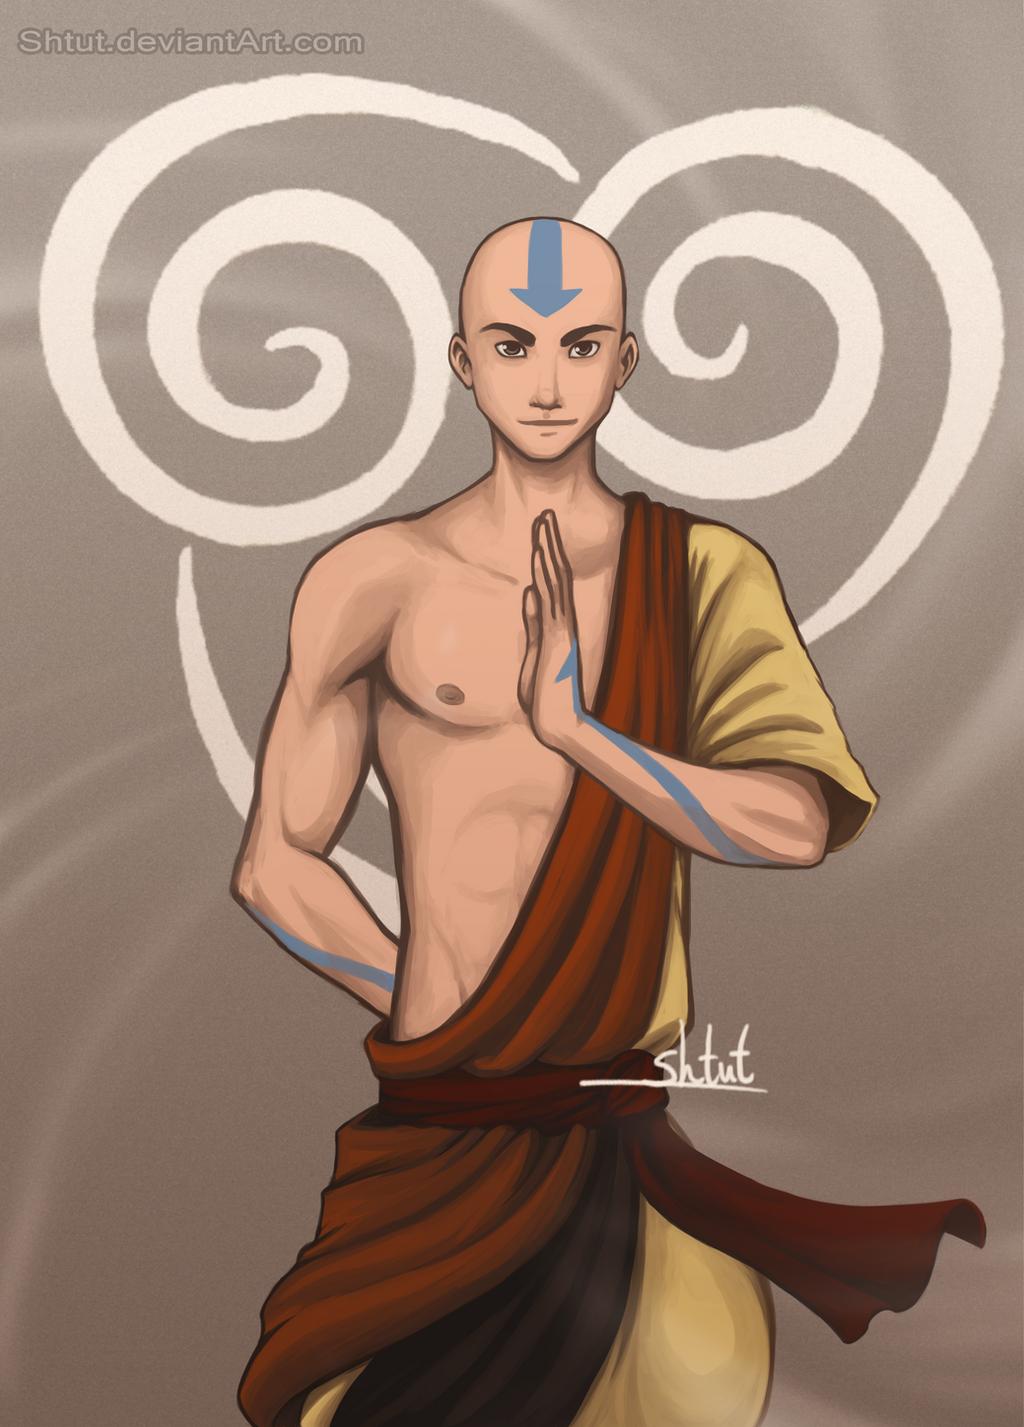 Aang by Shtut